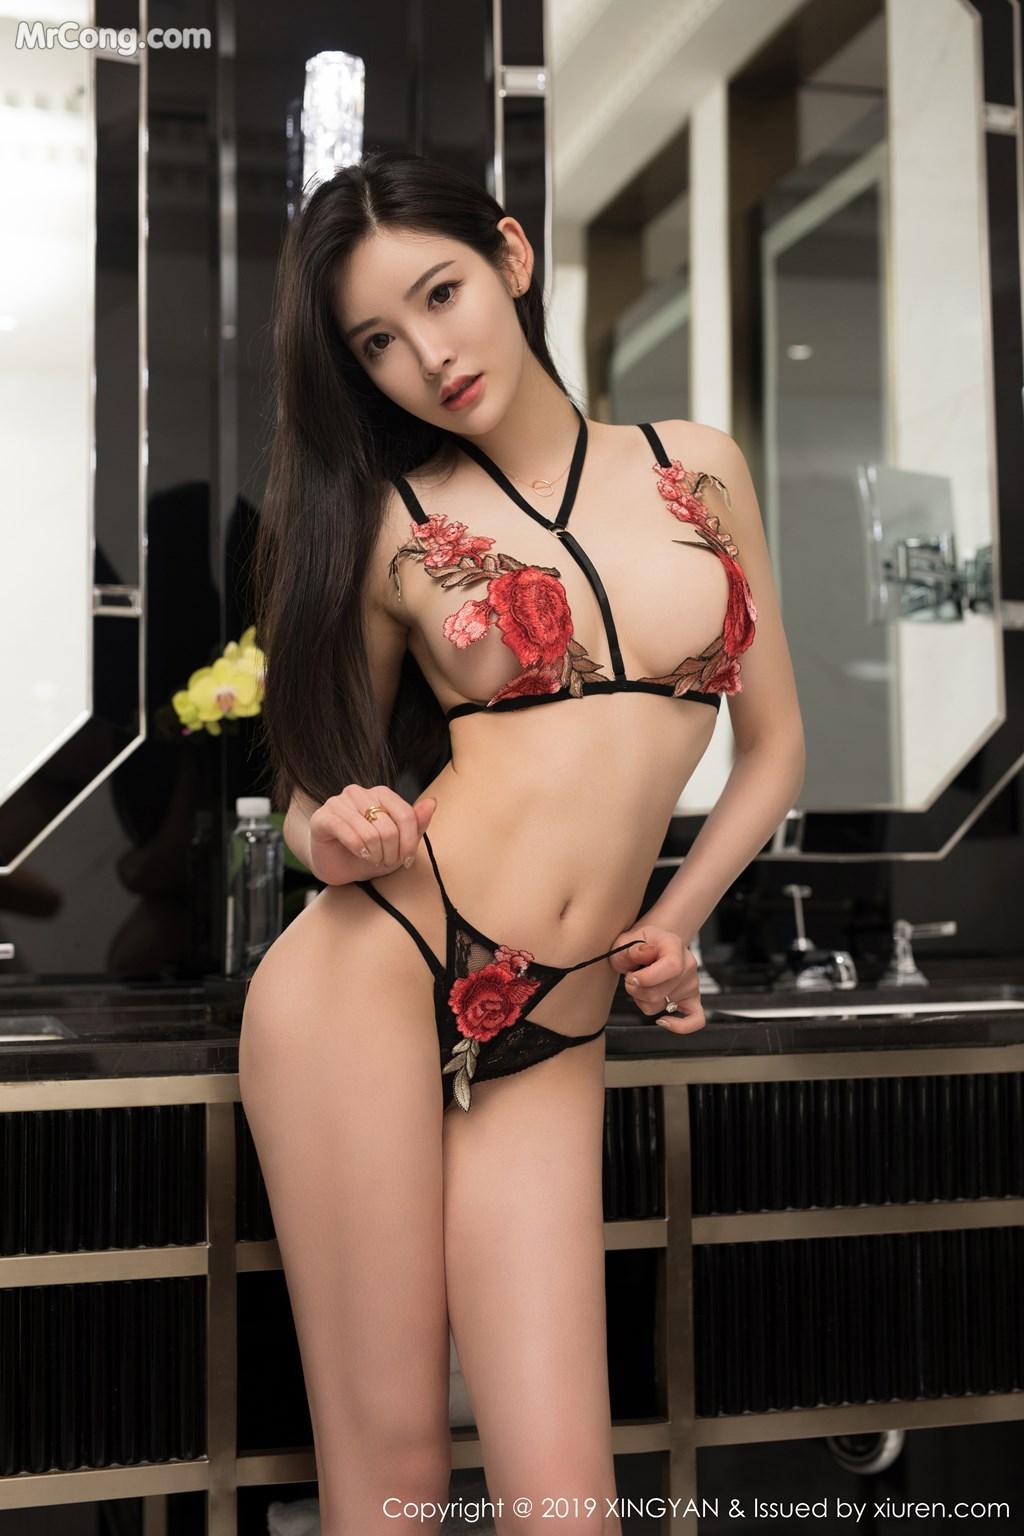 Image XingYan-Vol.121-He-Chen-Xi-MrCong.com-048 in post XingYan Vol.121: He Chen Xi (何晨曦) (49 ảnh)